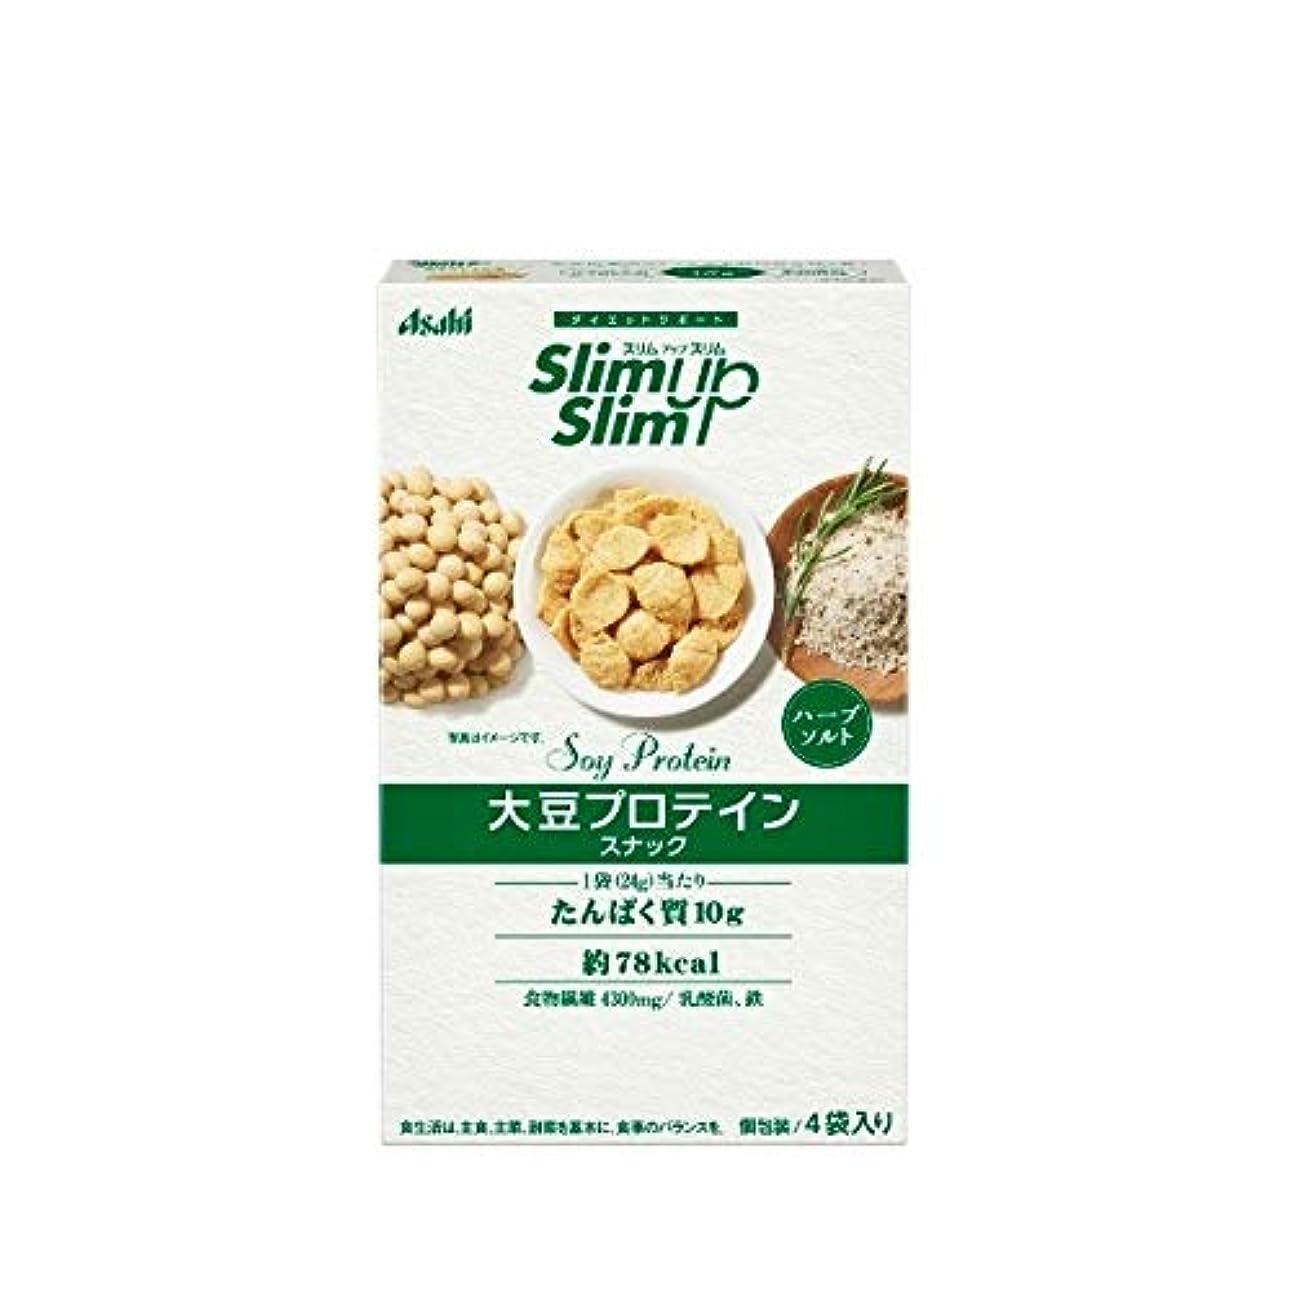 保証金六魔法アサヒグループ食品 スリムアップスリム 大豆プロテインスナック(ハーブソルト) 80g(20g×4袋)